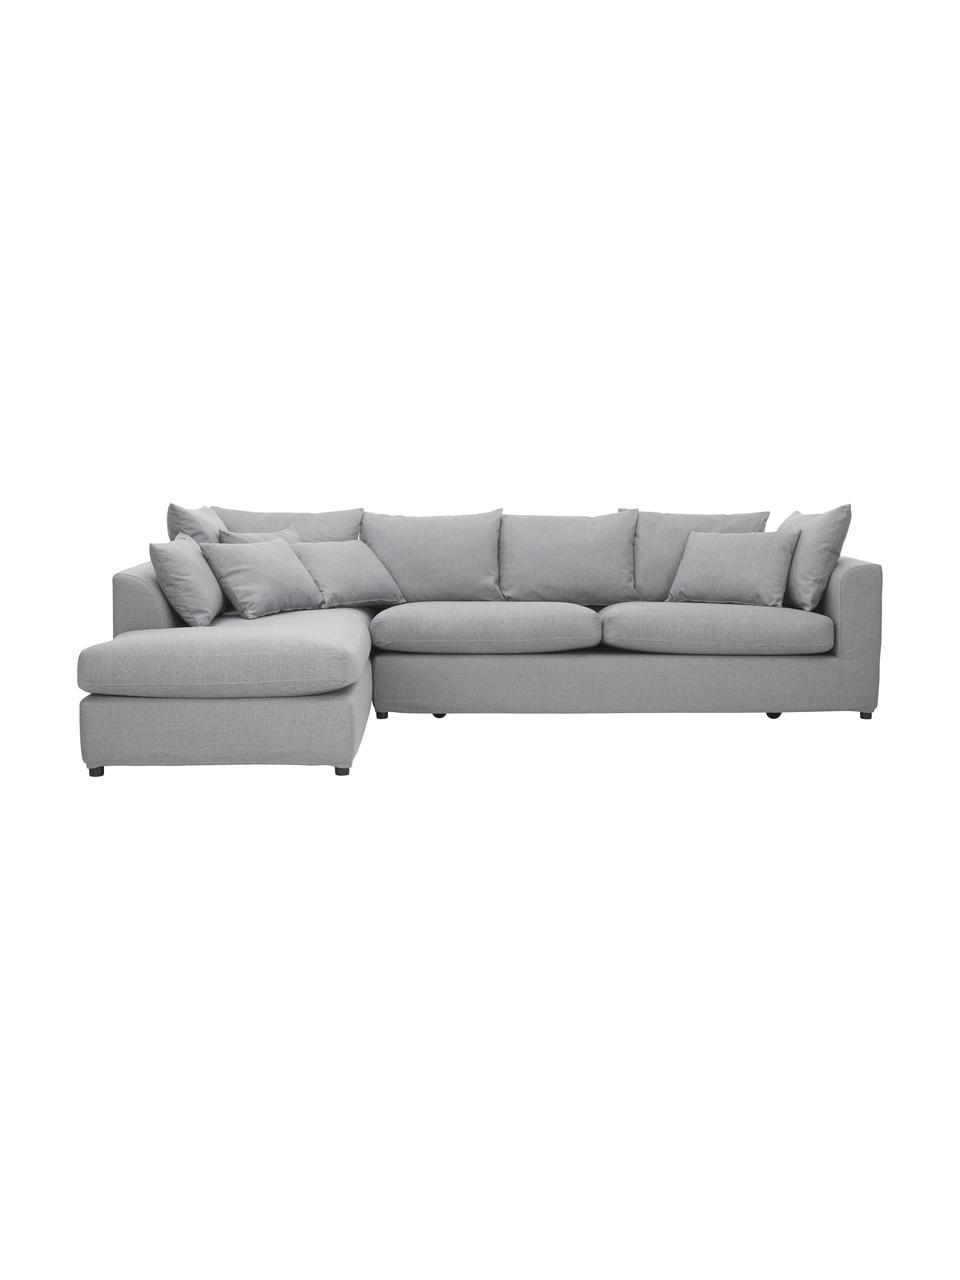 Grote hoekbank Zach in grijs, Bekleding: polypropyleen, Poten: kunststof, Geweven stof grijs, B 300 x D 213 cm